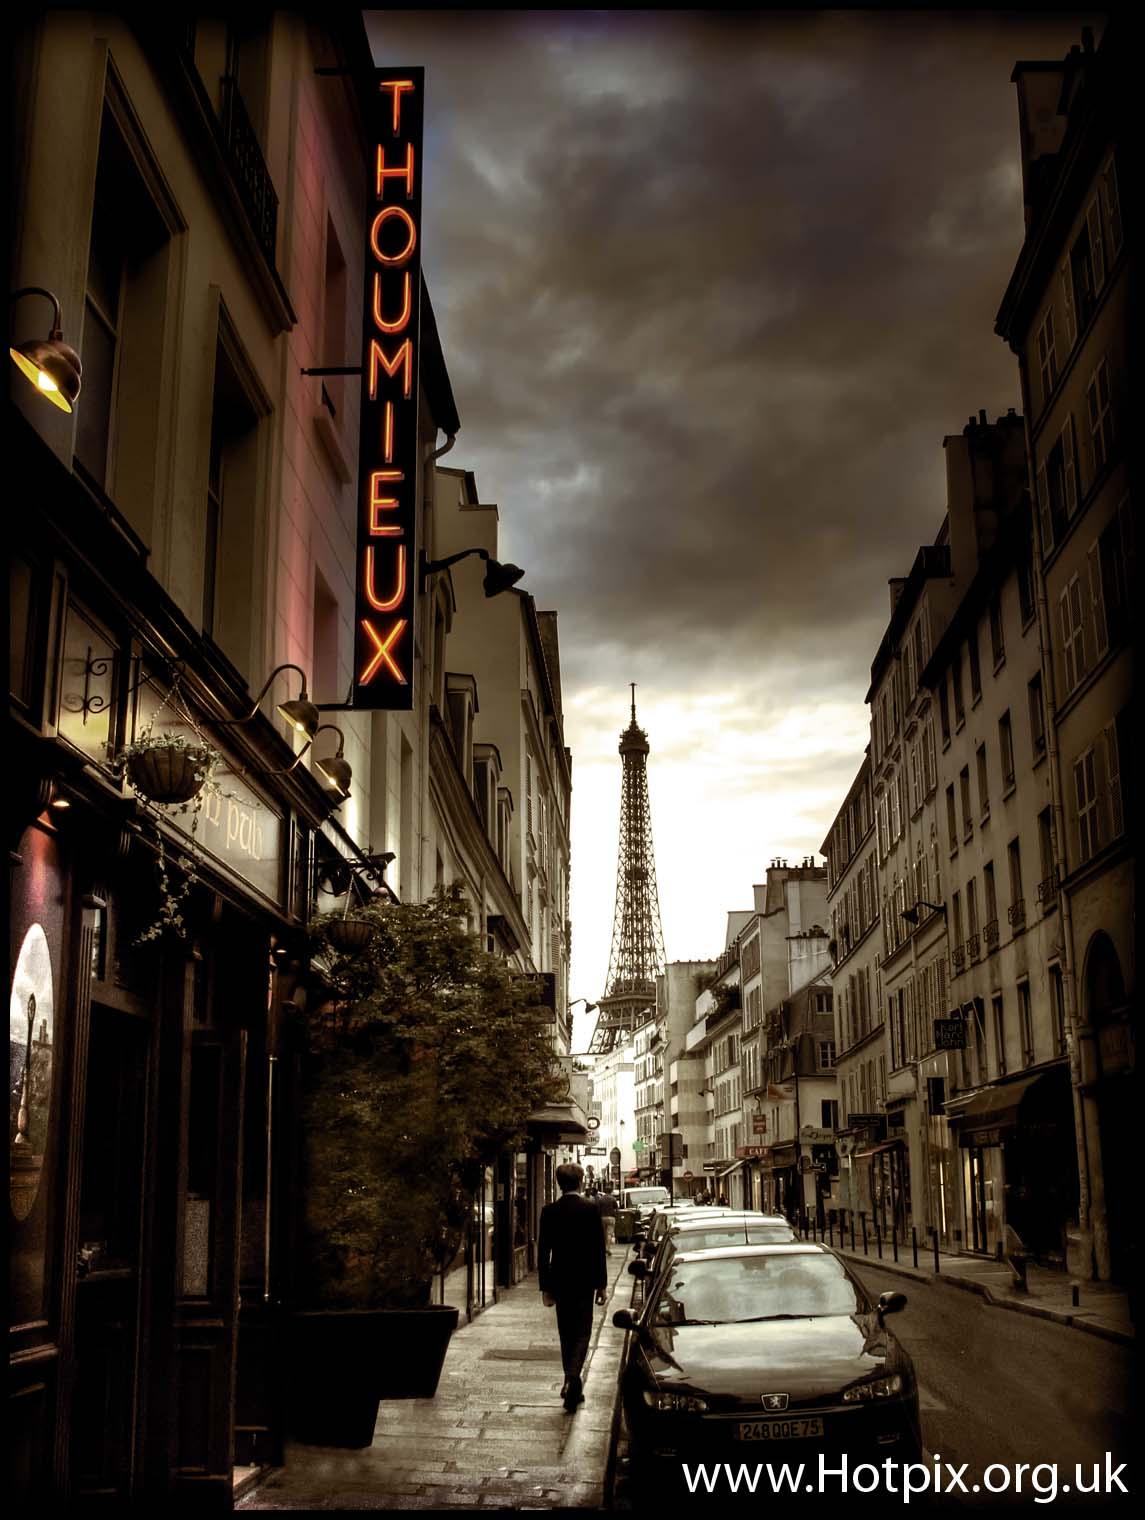 tony,smith,tonysmith,hotpix,tonysmithhotpix,tonysmithotpix,france,paris,europe,sepia,selective,colour,tour,tower,Eifel,Eifell,Eiffel,Hotel,Thoumieux,La,Brasserie,street,scene,streets,parisian,parisien,evening,dusk,blue,hour,ColorPhotoAward